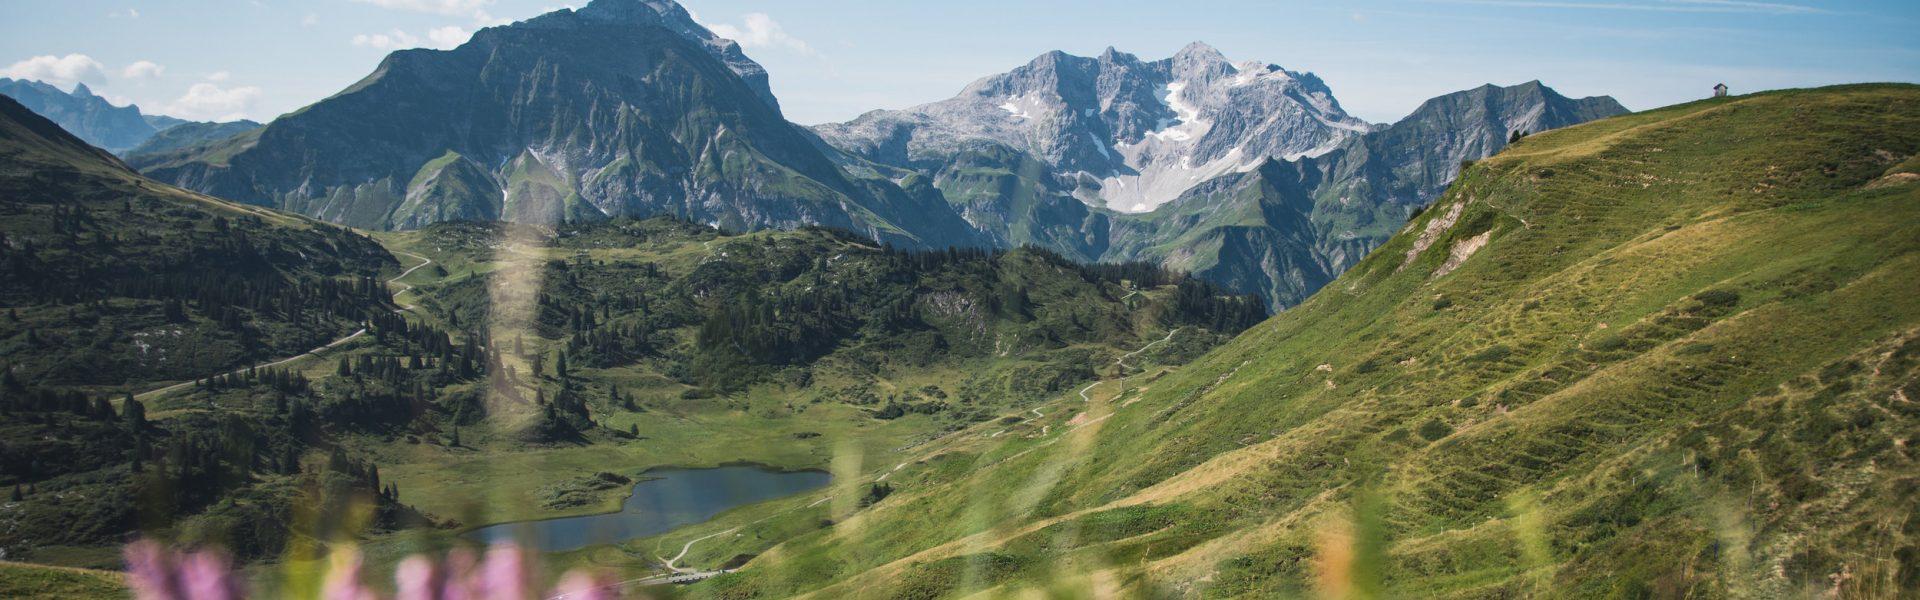 Blick auf Kalbelesee, Auf Min Weag mit der V-CARD unterwegs, Etappe 09 © Thomas Stanglechner / Vorarlberg Tourismus